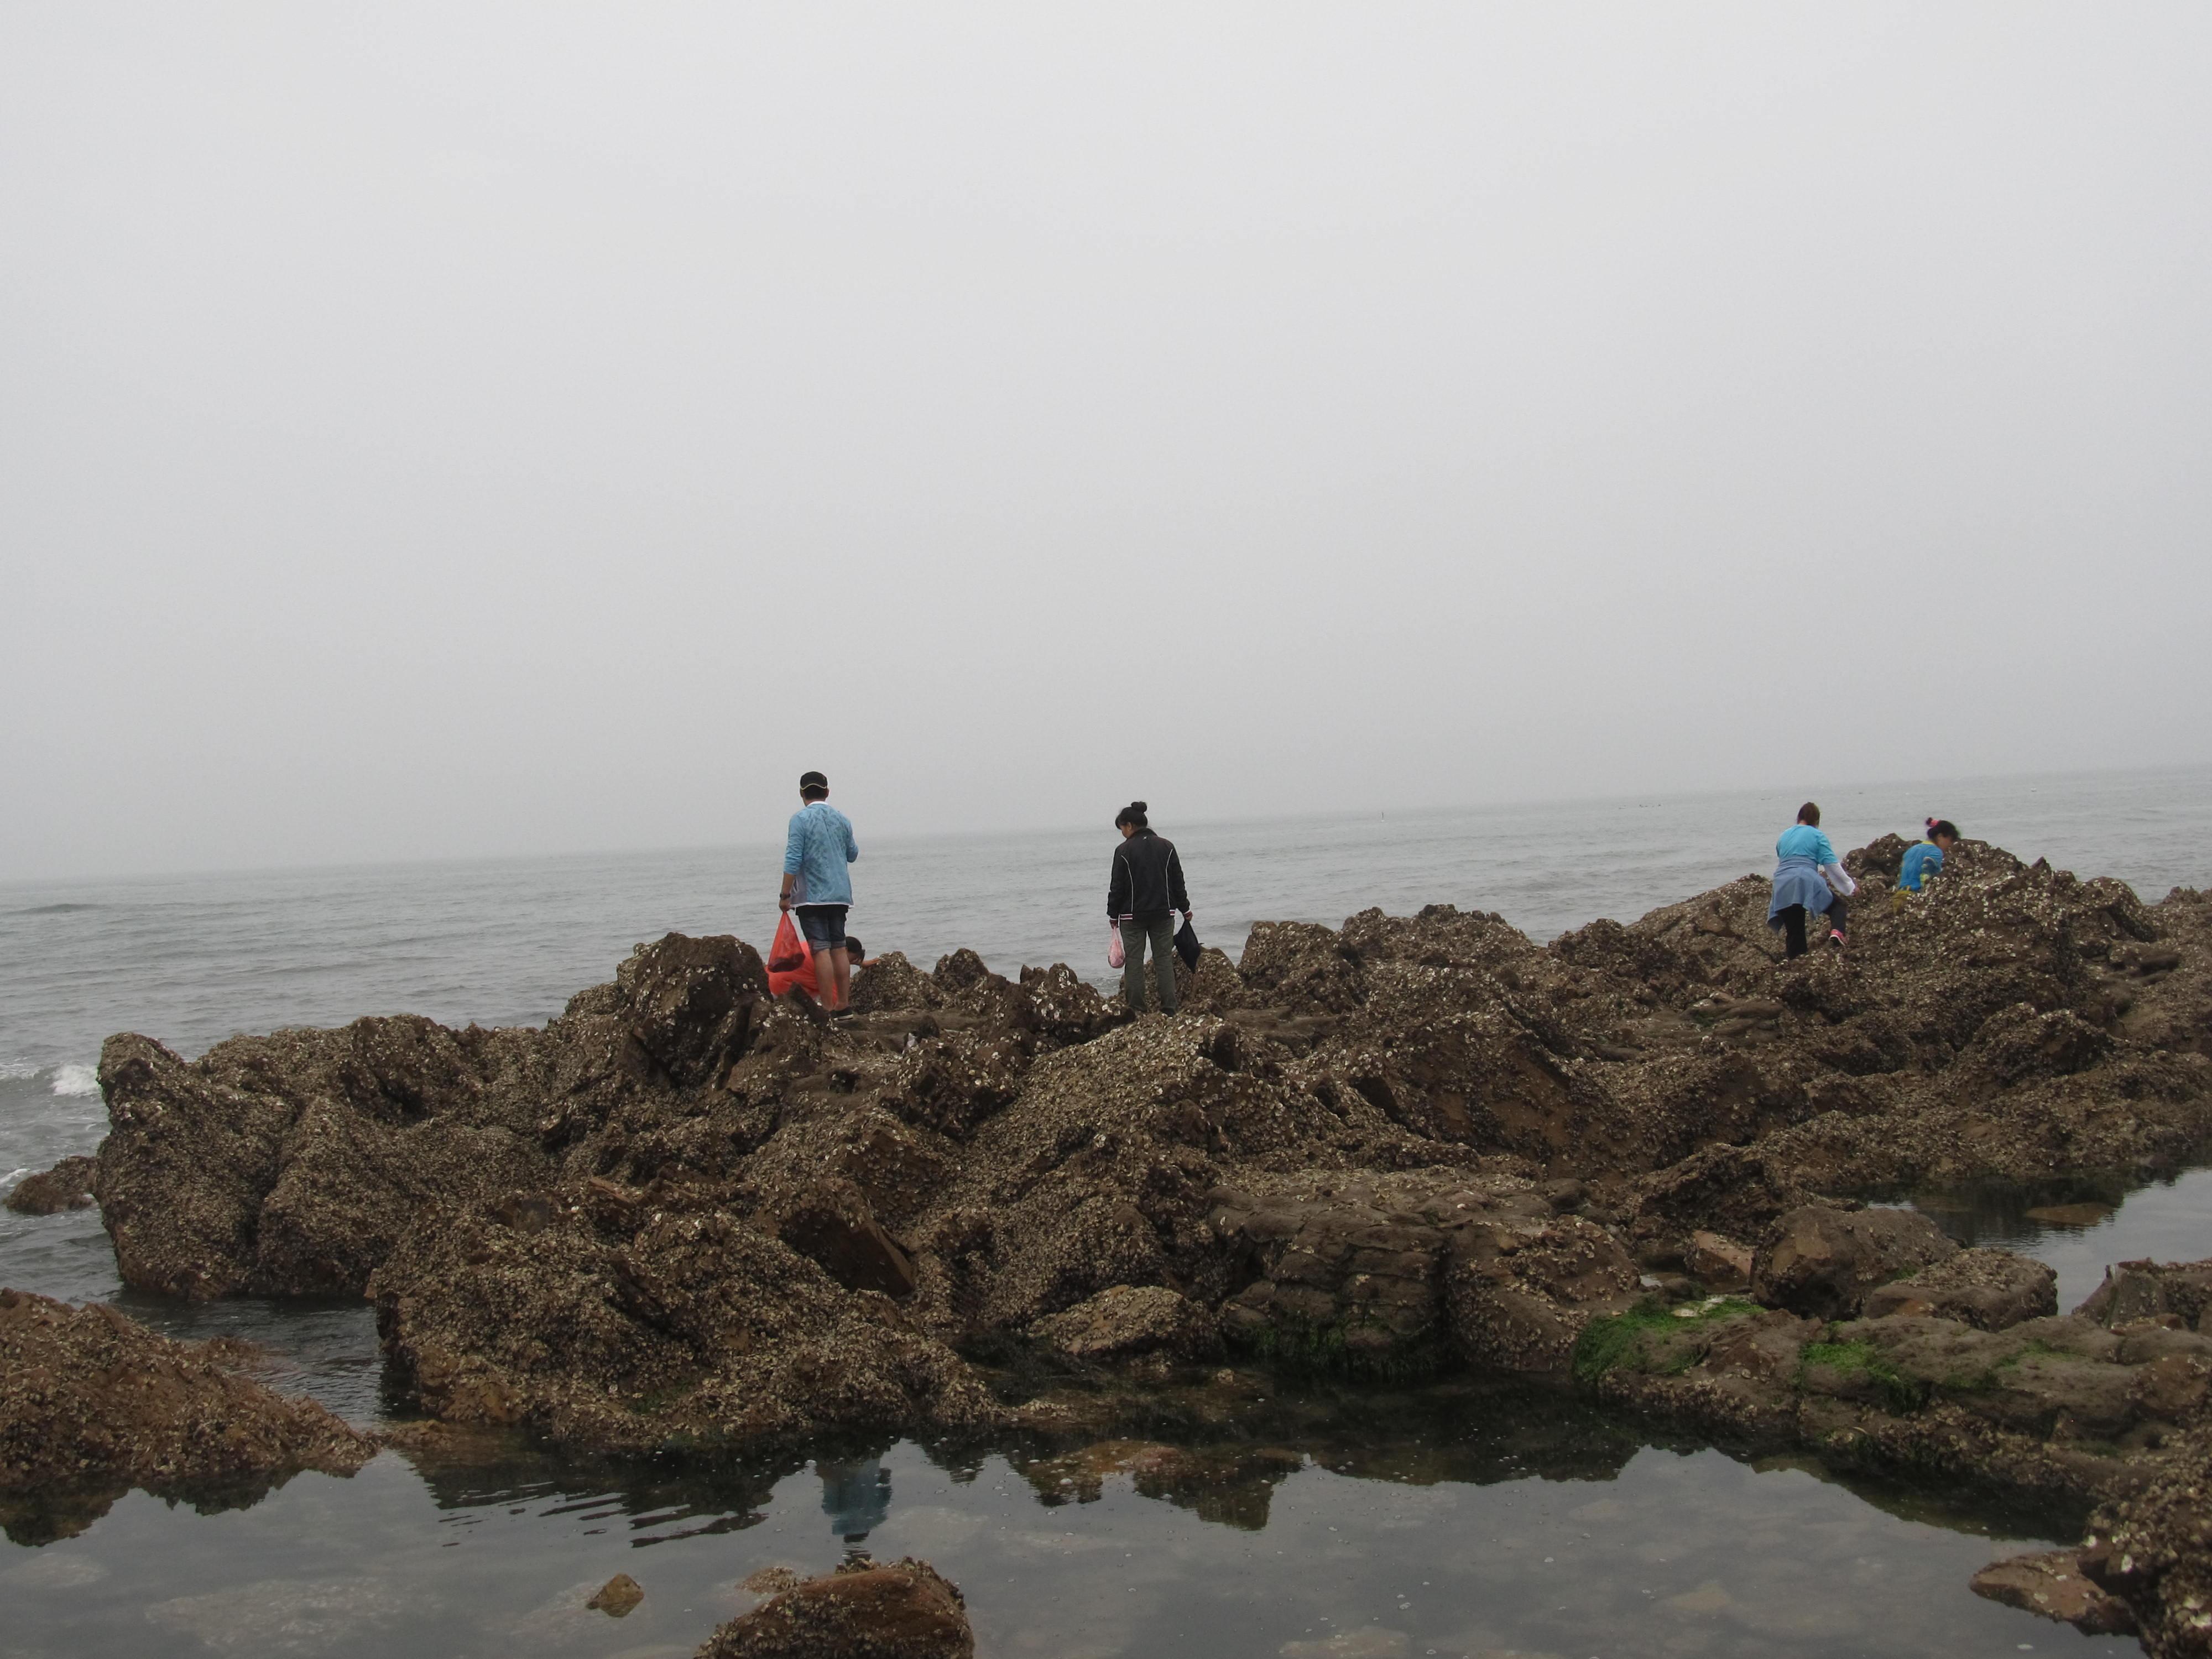 闲游竹岔岛,金沙滩